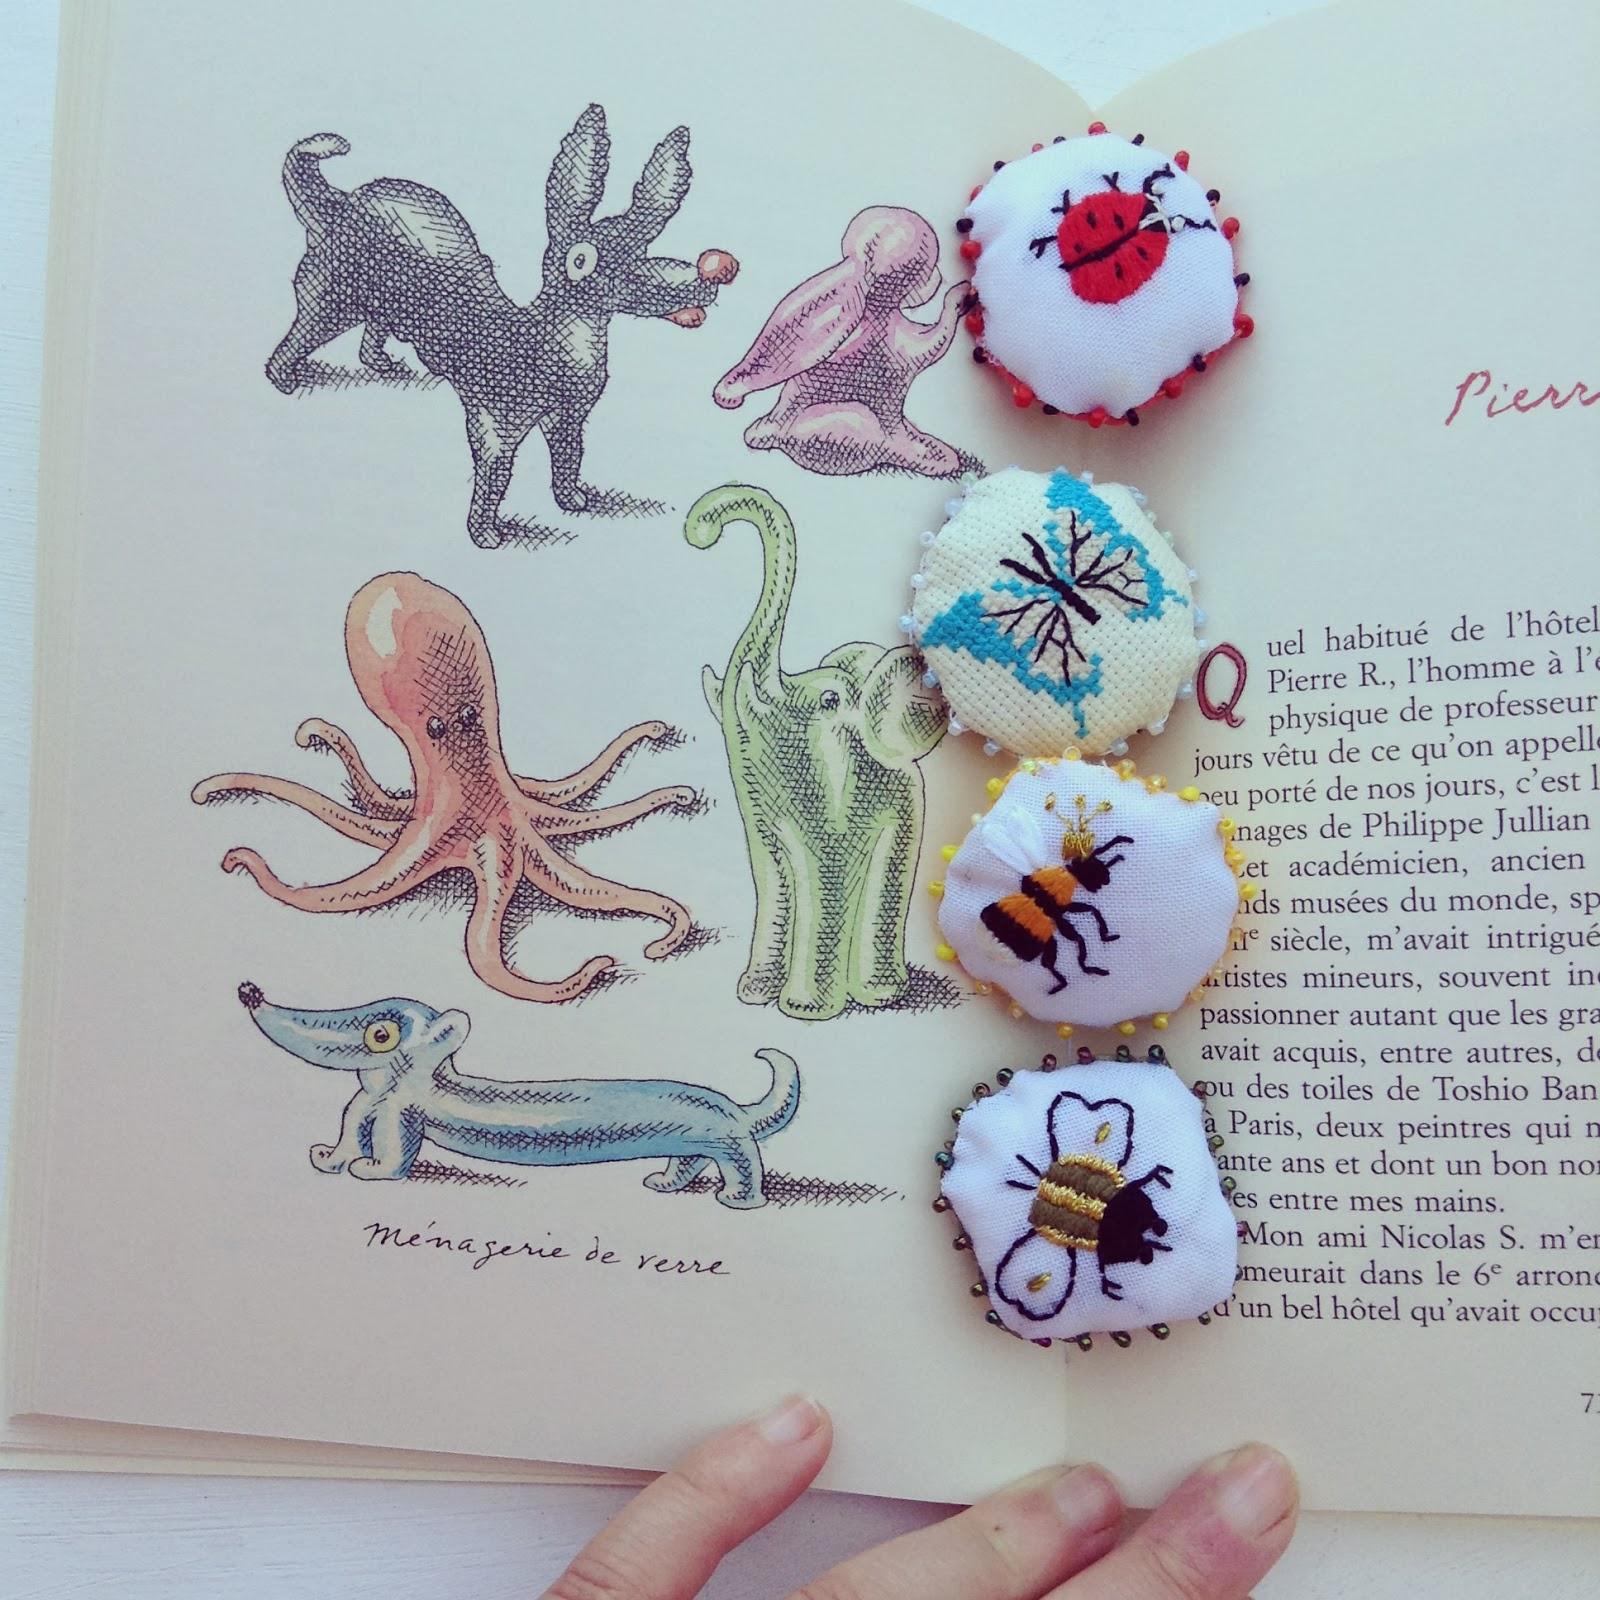 broderies insectes livres les collectionneurs Pierre Le-Tan